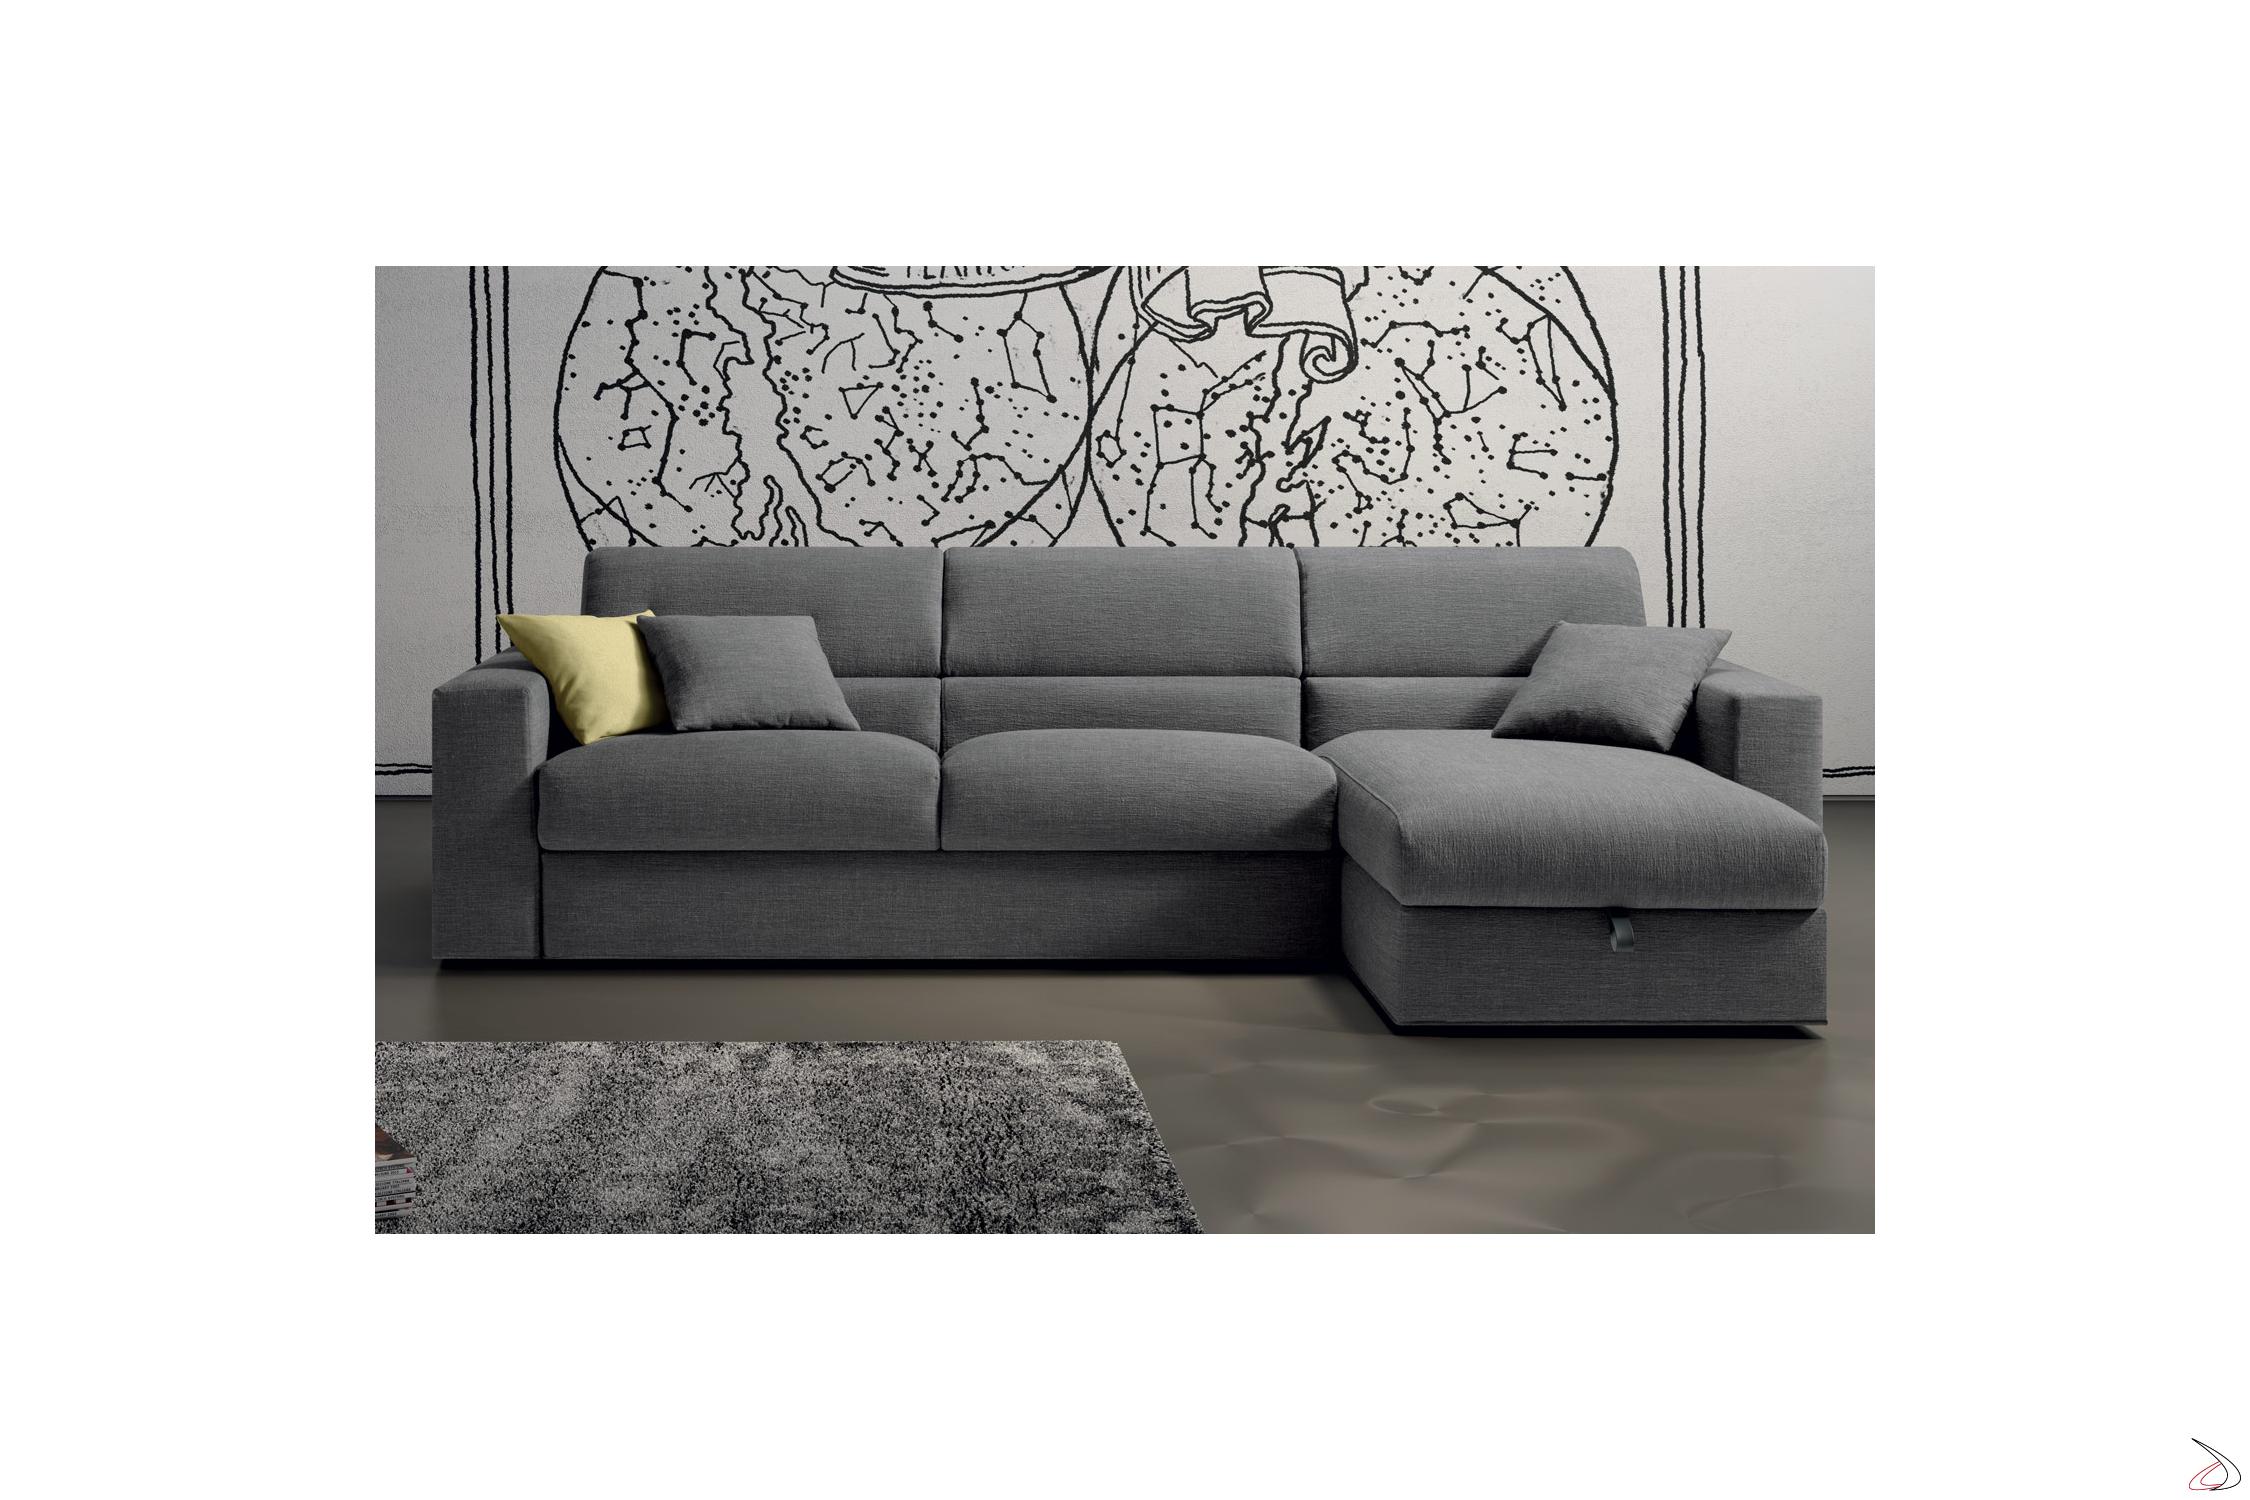 Letti Ad Angolo Con Contenitore.Laxy Sofa Bed And Storage Peninsula Toparredi Arredo Design Online